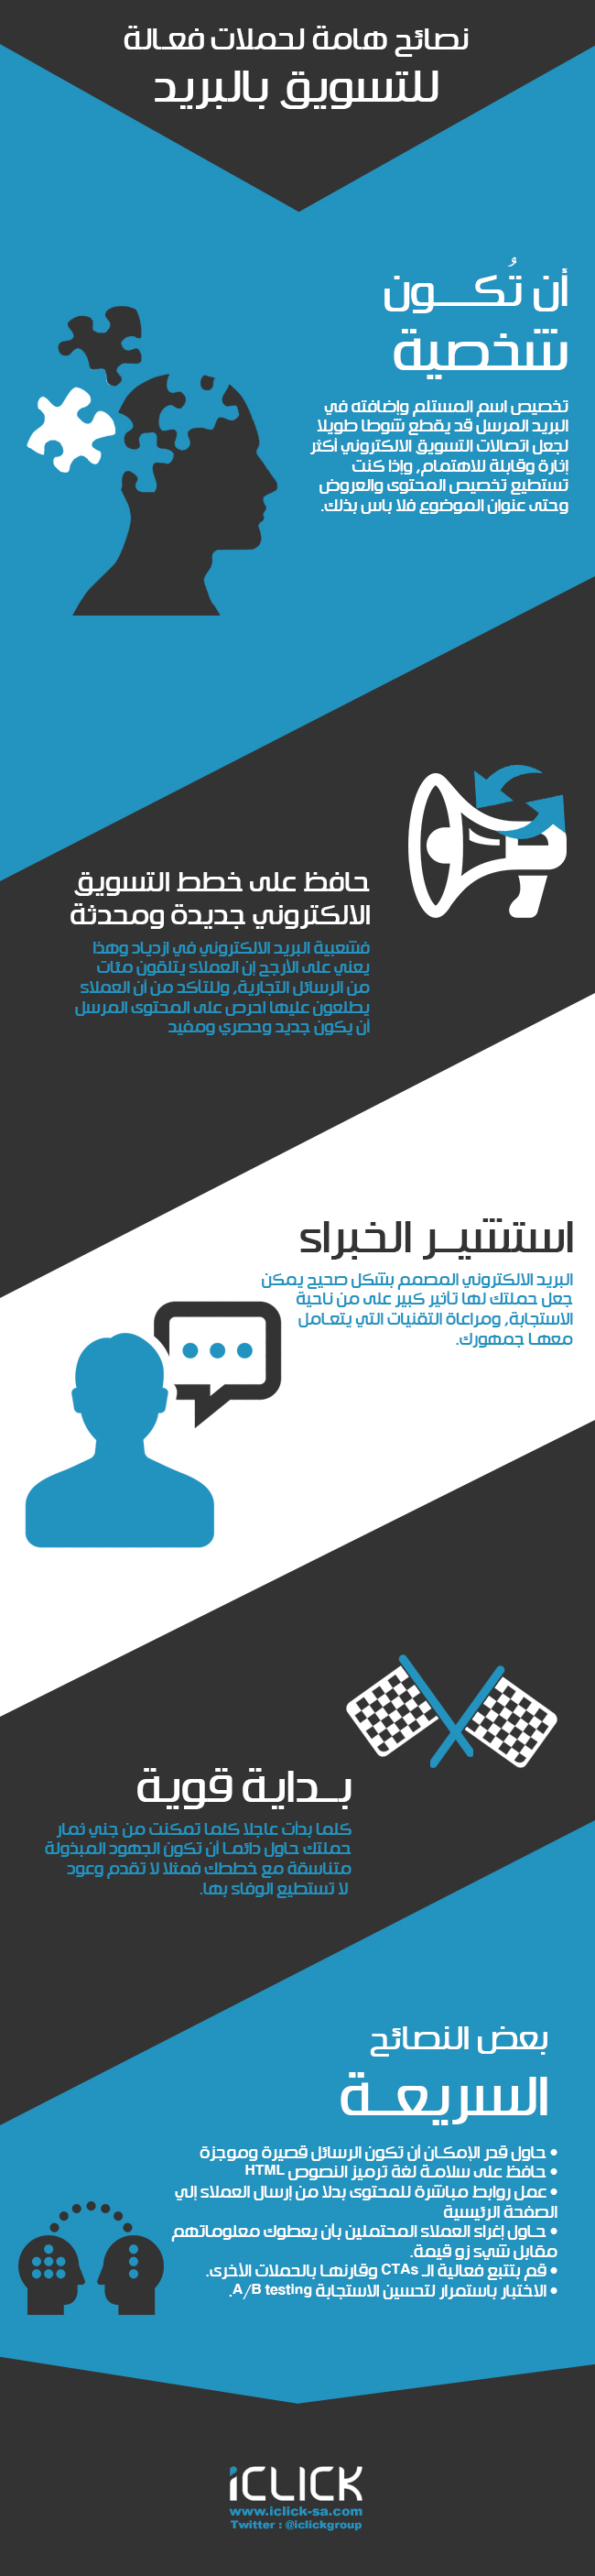 نصائح-هامة-لحملات-التسويق-بالبريد-